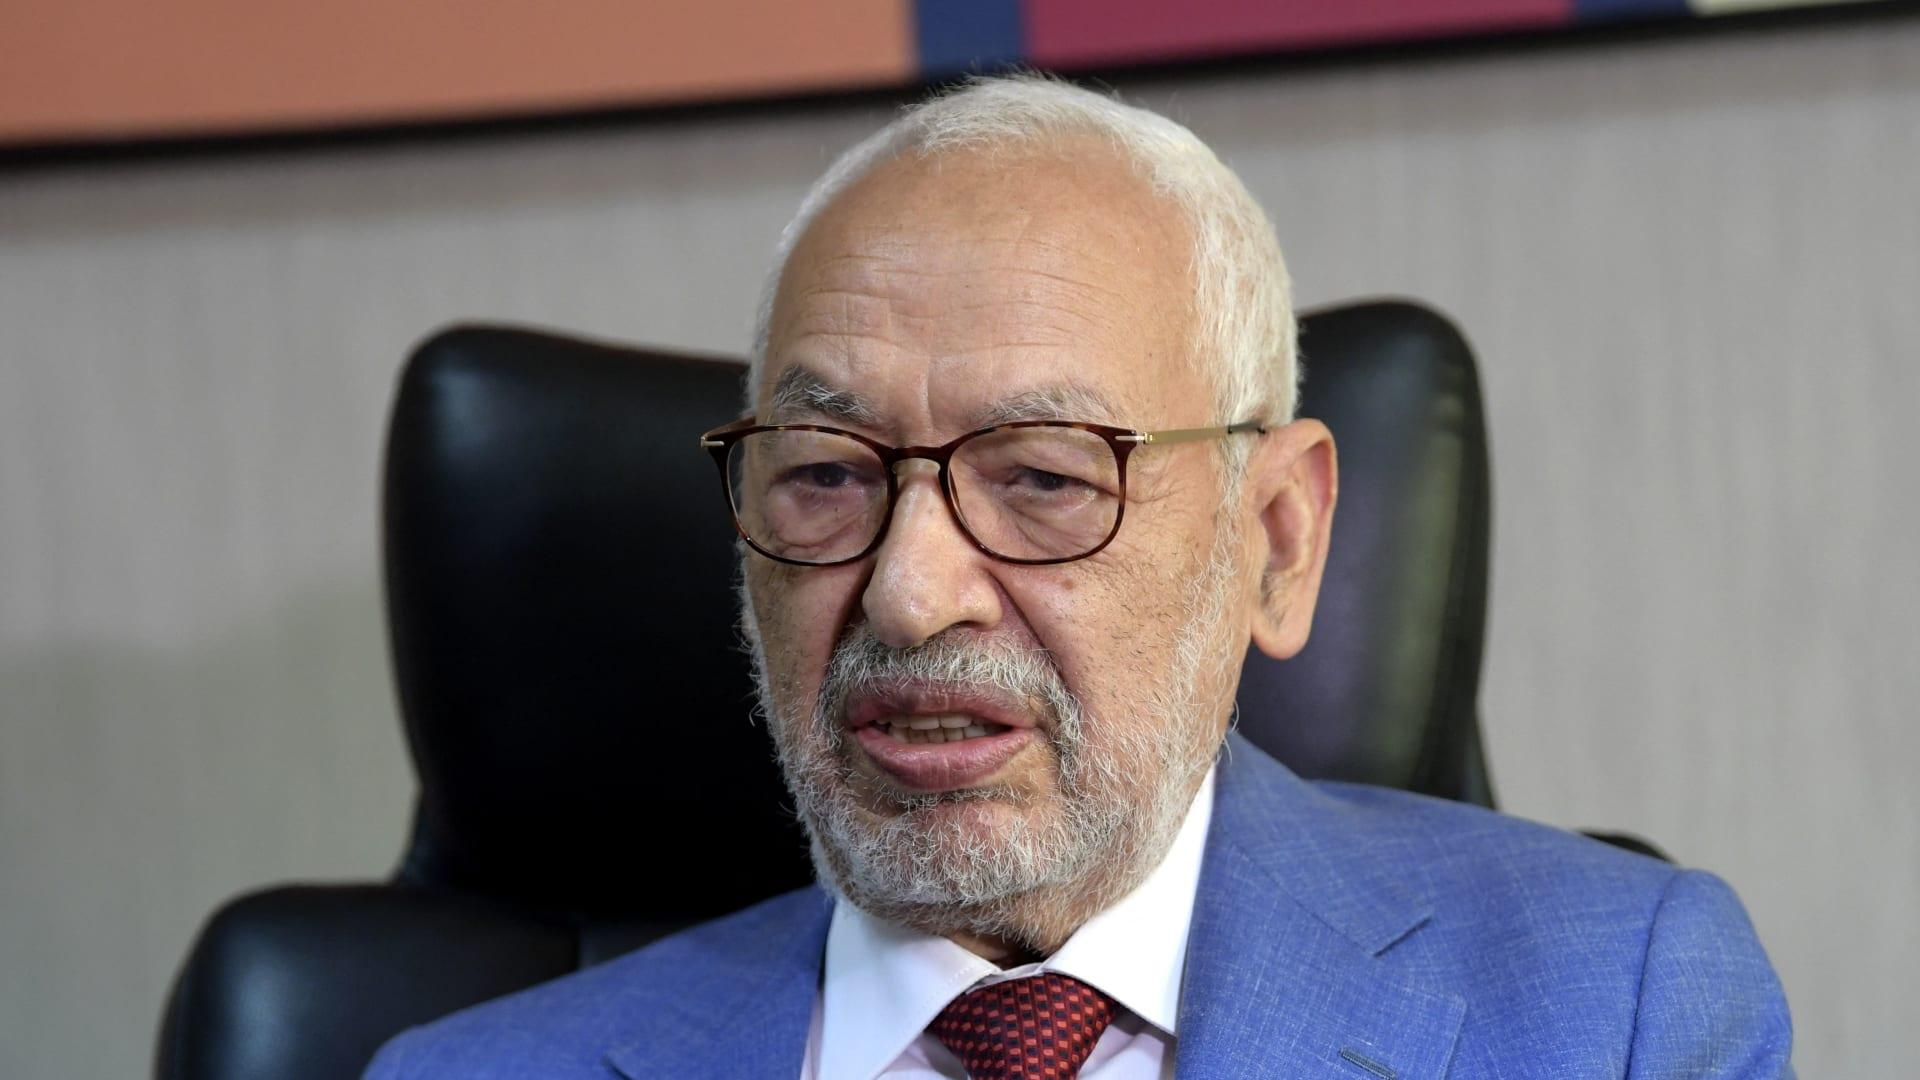 النهضة تُعلق على مزاعم تجسس دولة عربية على راشد الغنوشي وتطالب بتحقيق